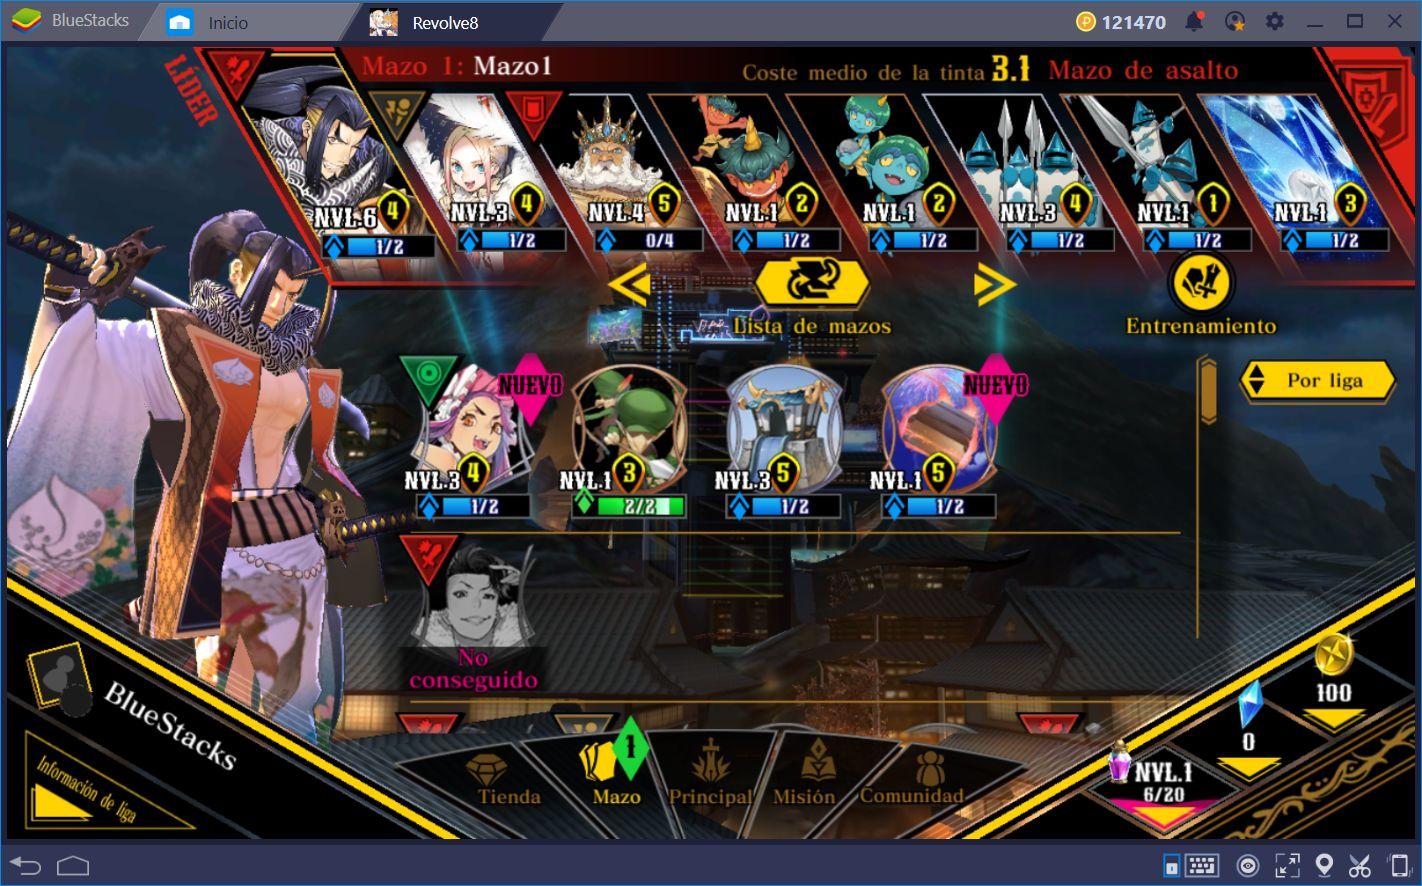 Revolve8—Combinando lo Mejor del Tower Defense con los RPG